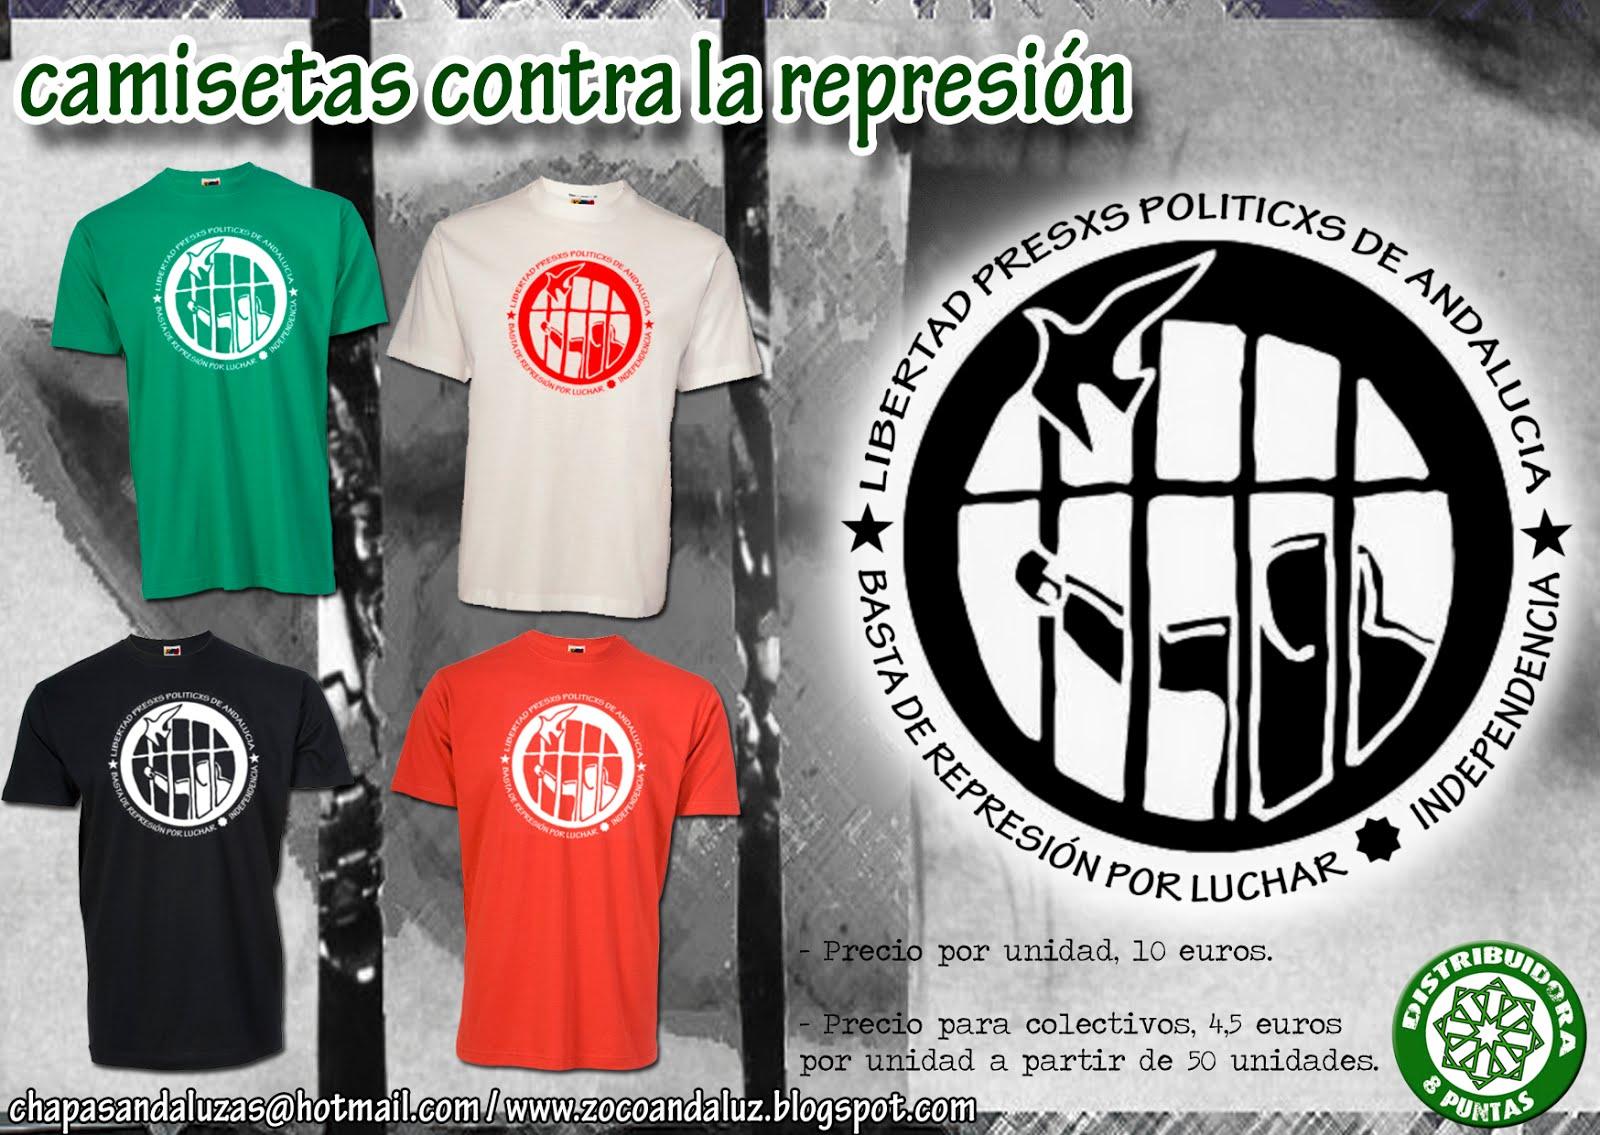 Camisetas contra la represión y por lxs presxs politicxs andaluces/zas